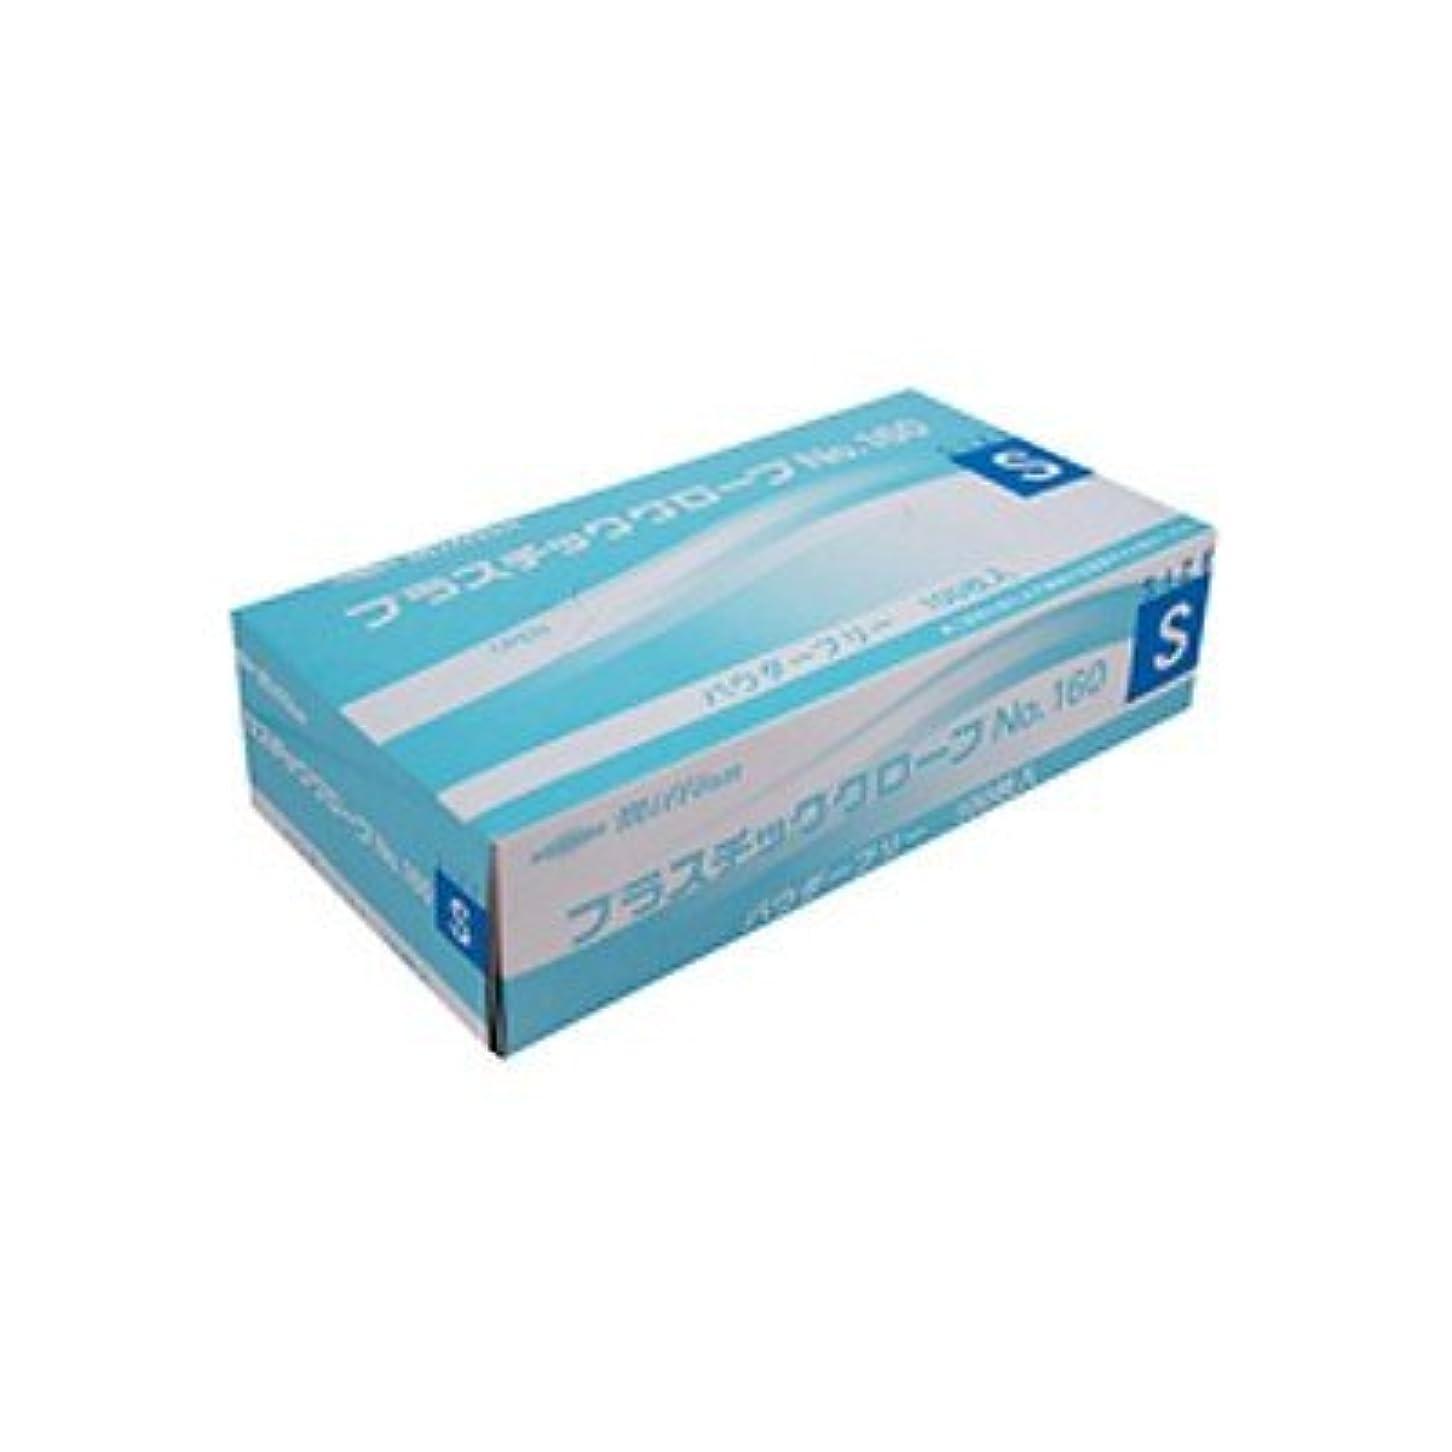 典型的な崩壊便宜ミリオン プラスチック手袋 粉無 No.160 S 品番:LH-160-S 注文番号:62741613 メーカー:共和